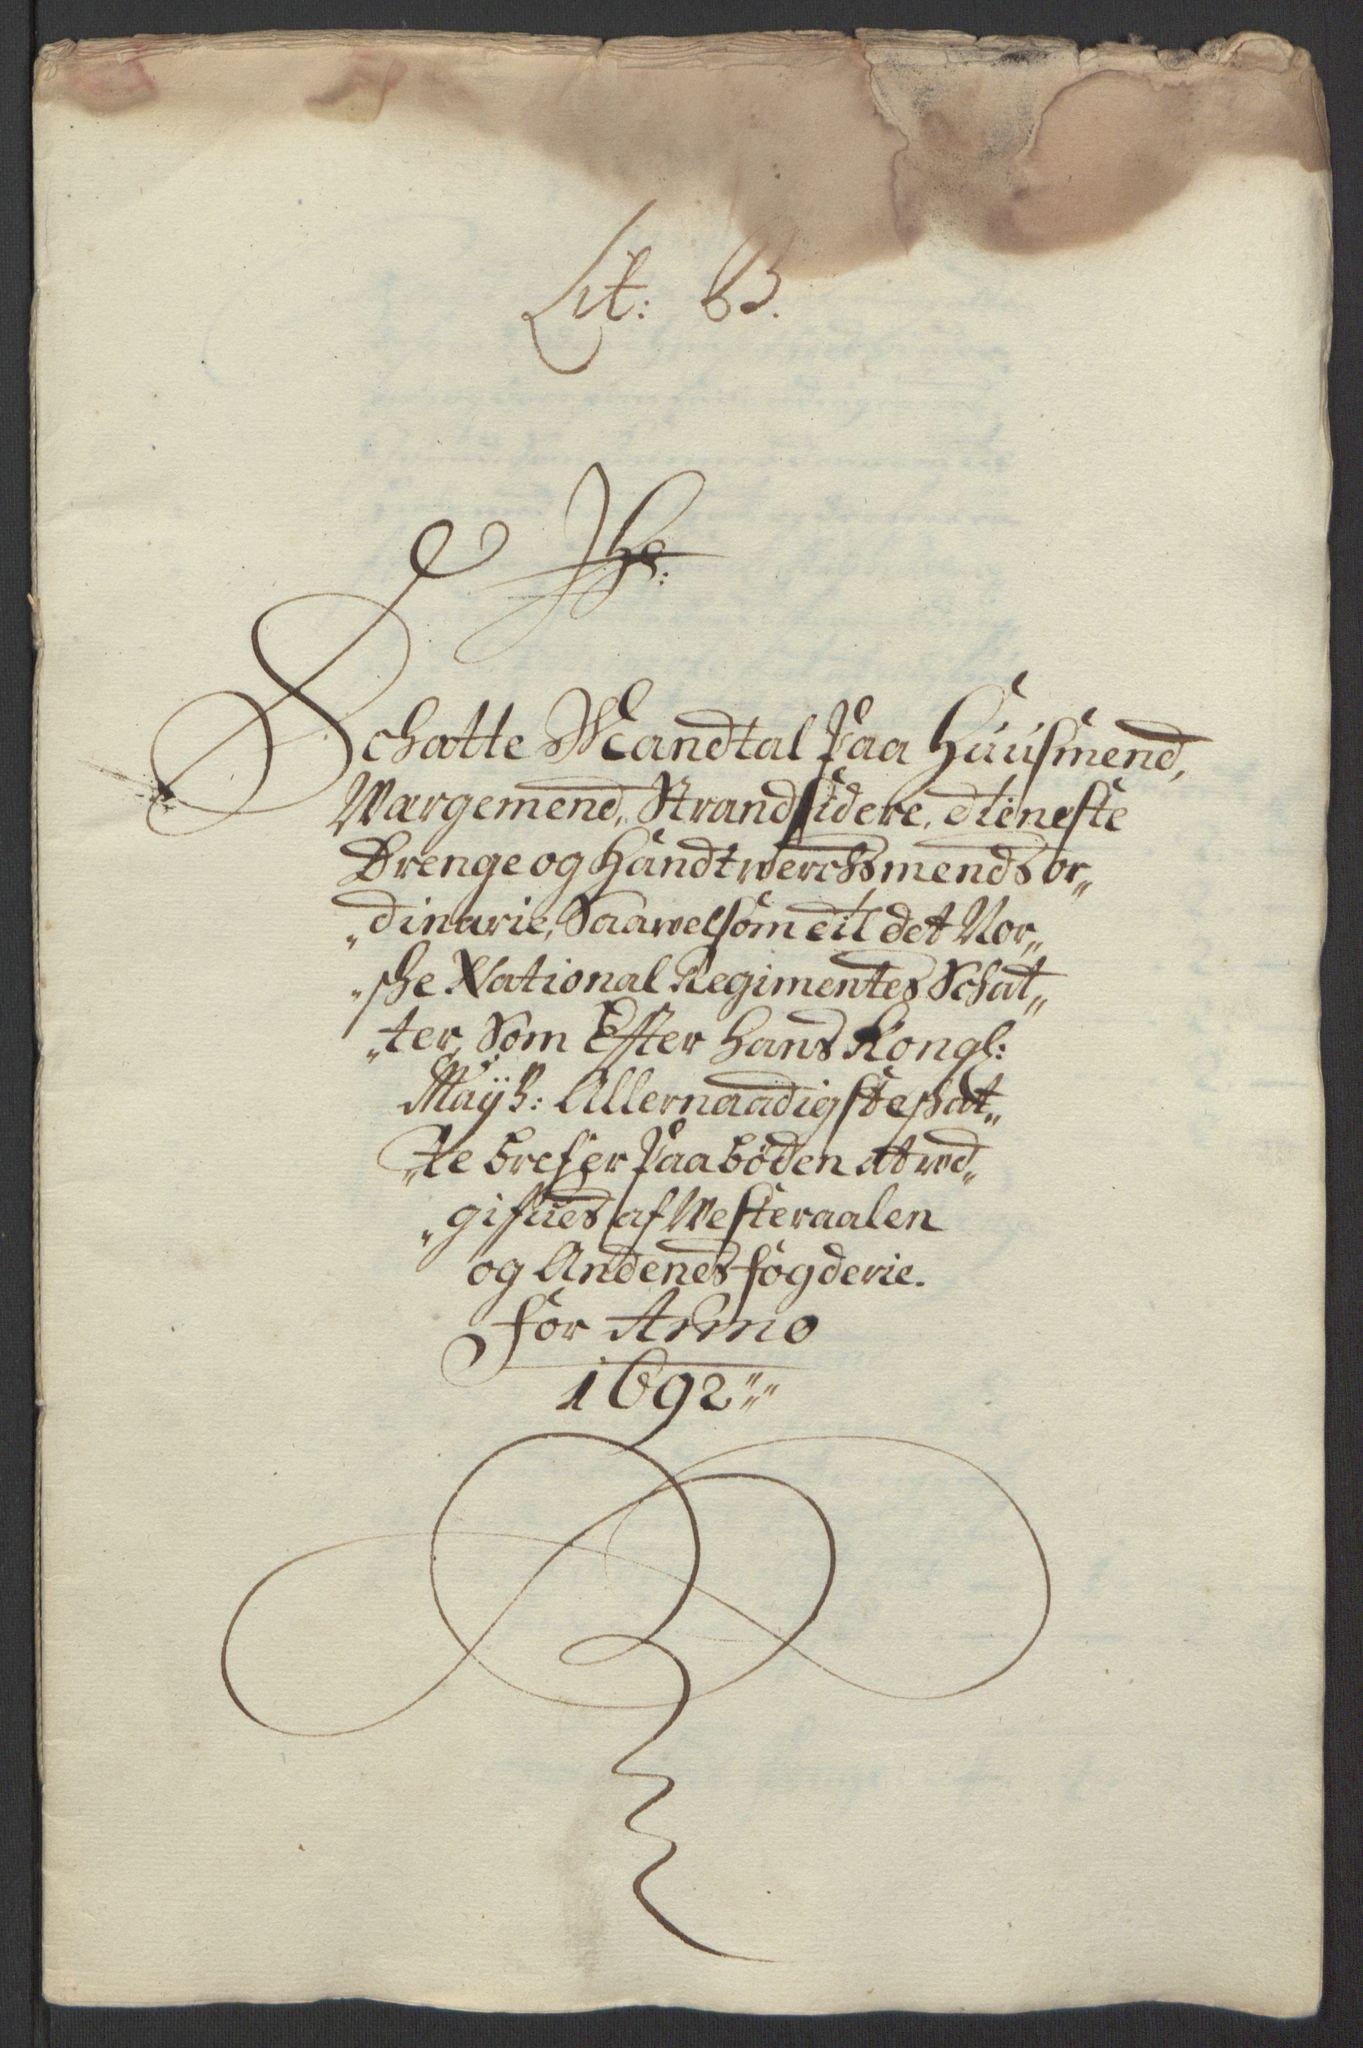 RA, Rentekammeret inntil 1814, Reviderte regnskaper, Fogderegnskap, R67/L4676: Fogderegnskap Vesterålen, Andenes og Lofoten, 1691-1693, s. 99